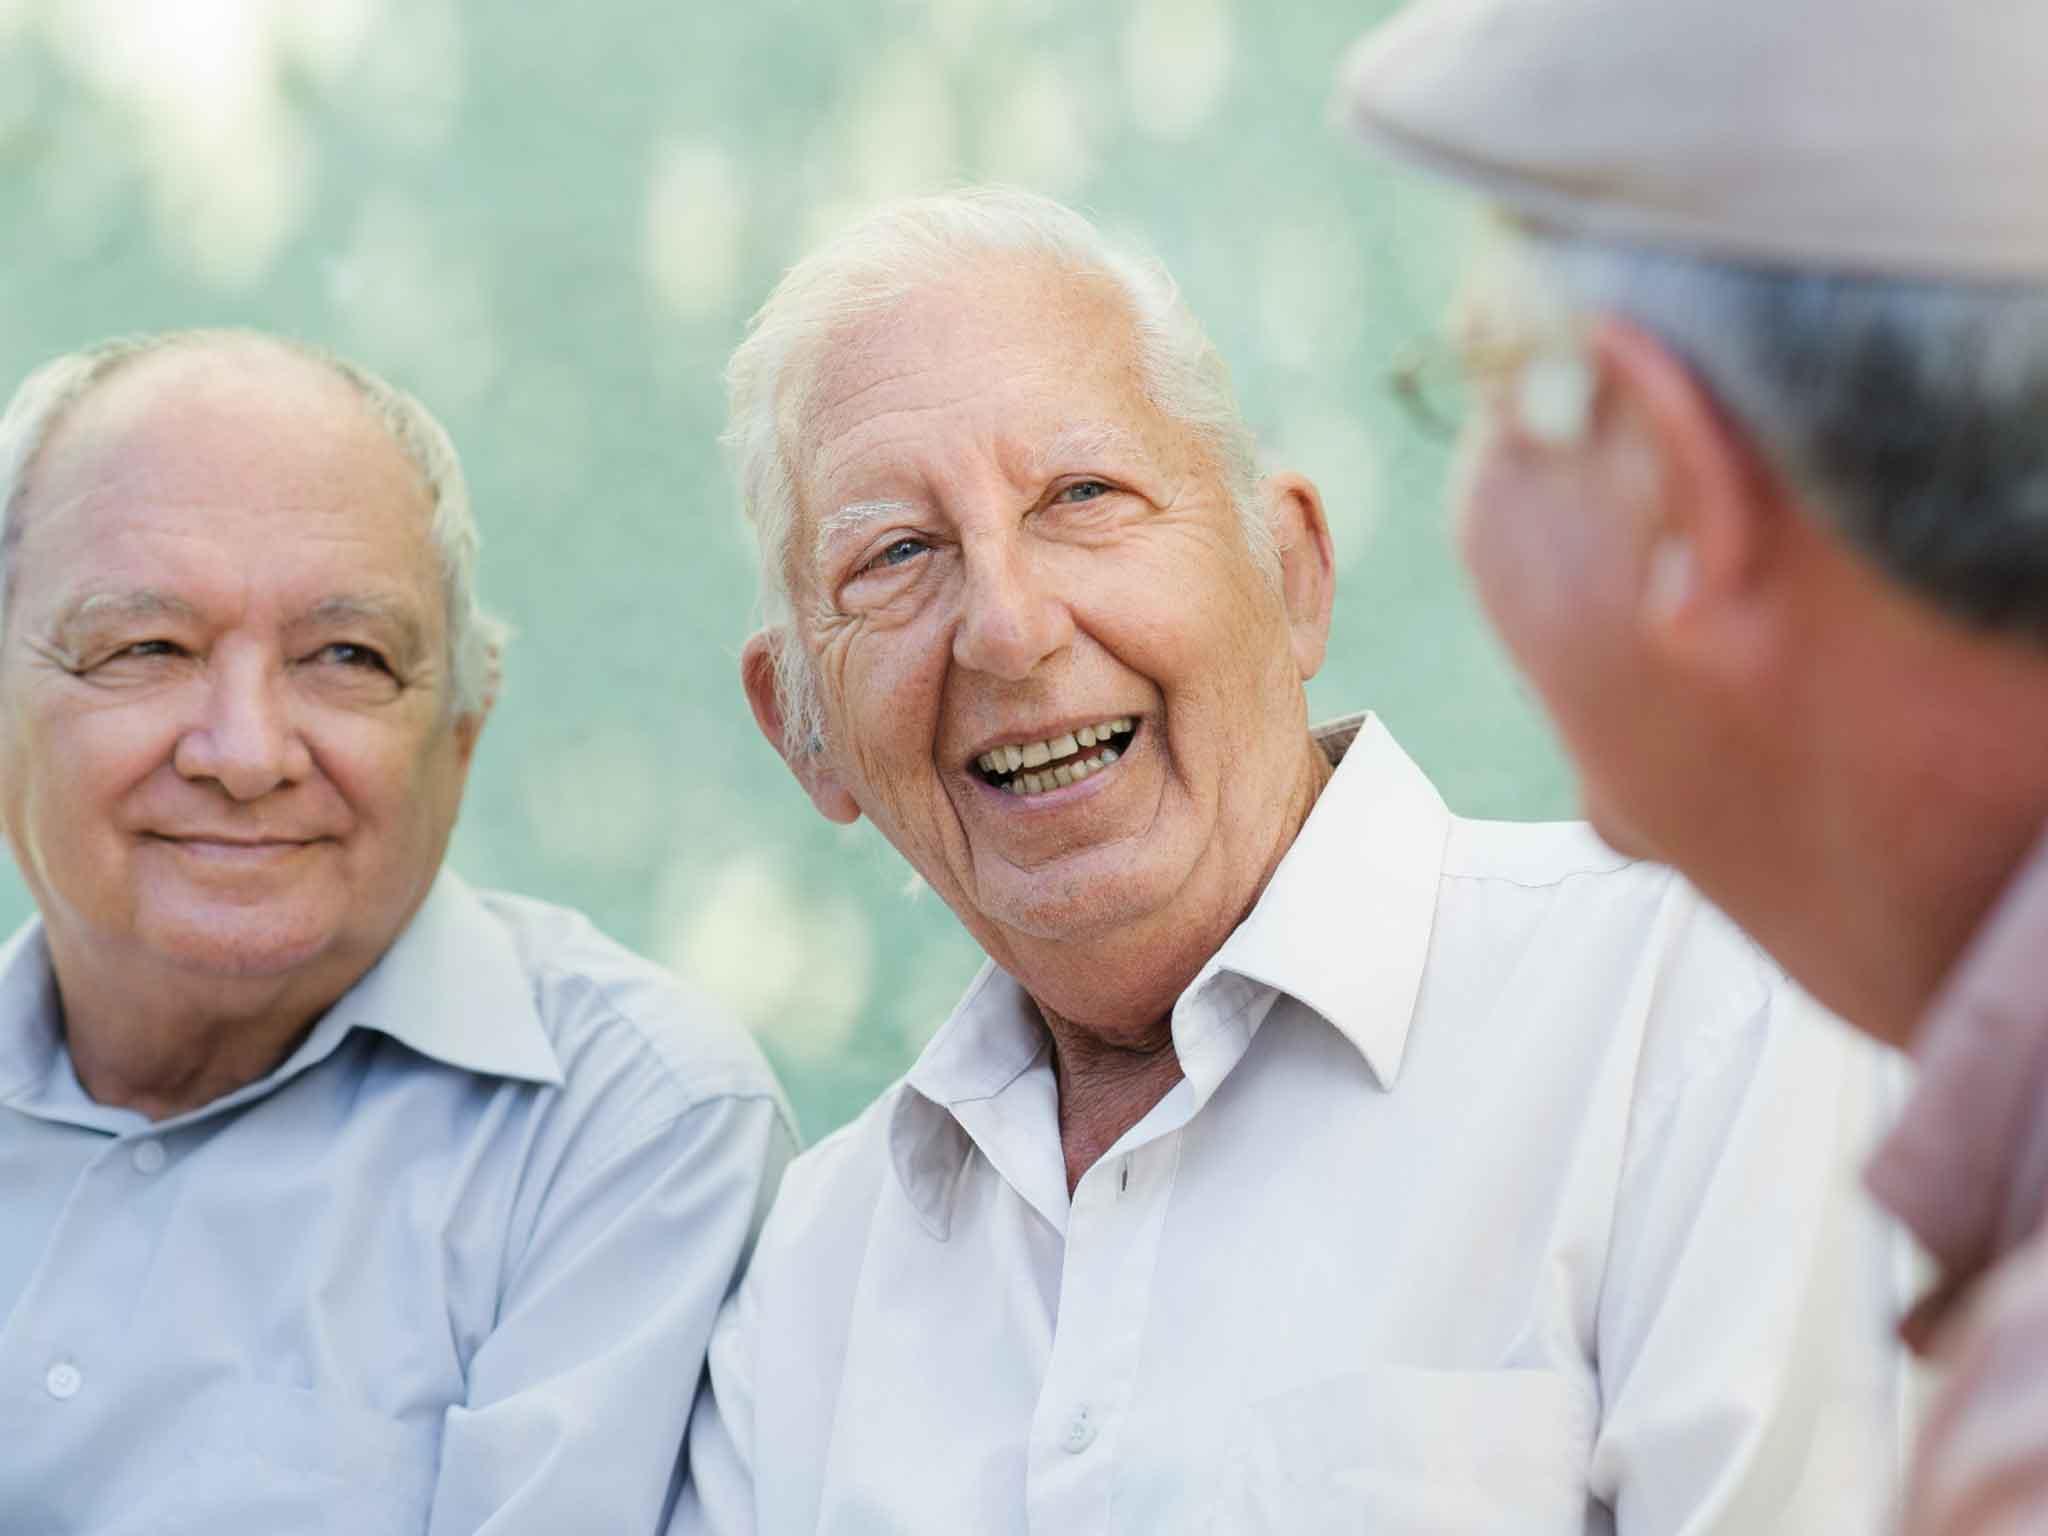 چه طور در بزرگسالی دوست پیدا کنیم – و چرا این موضوع مهم است